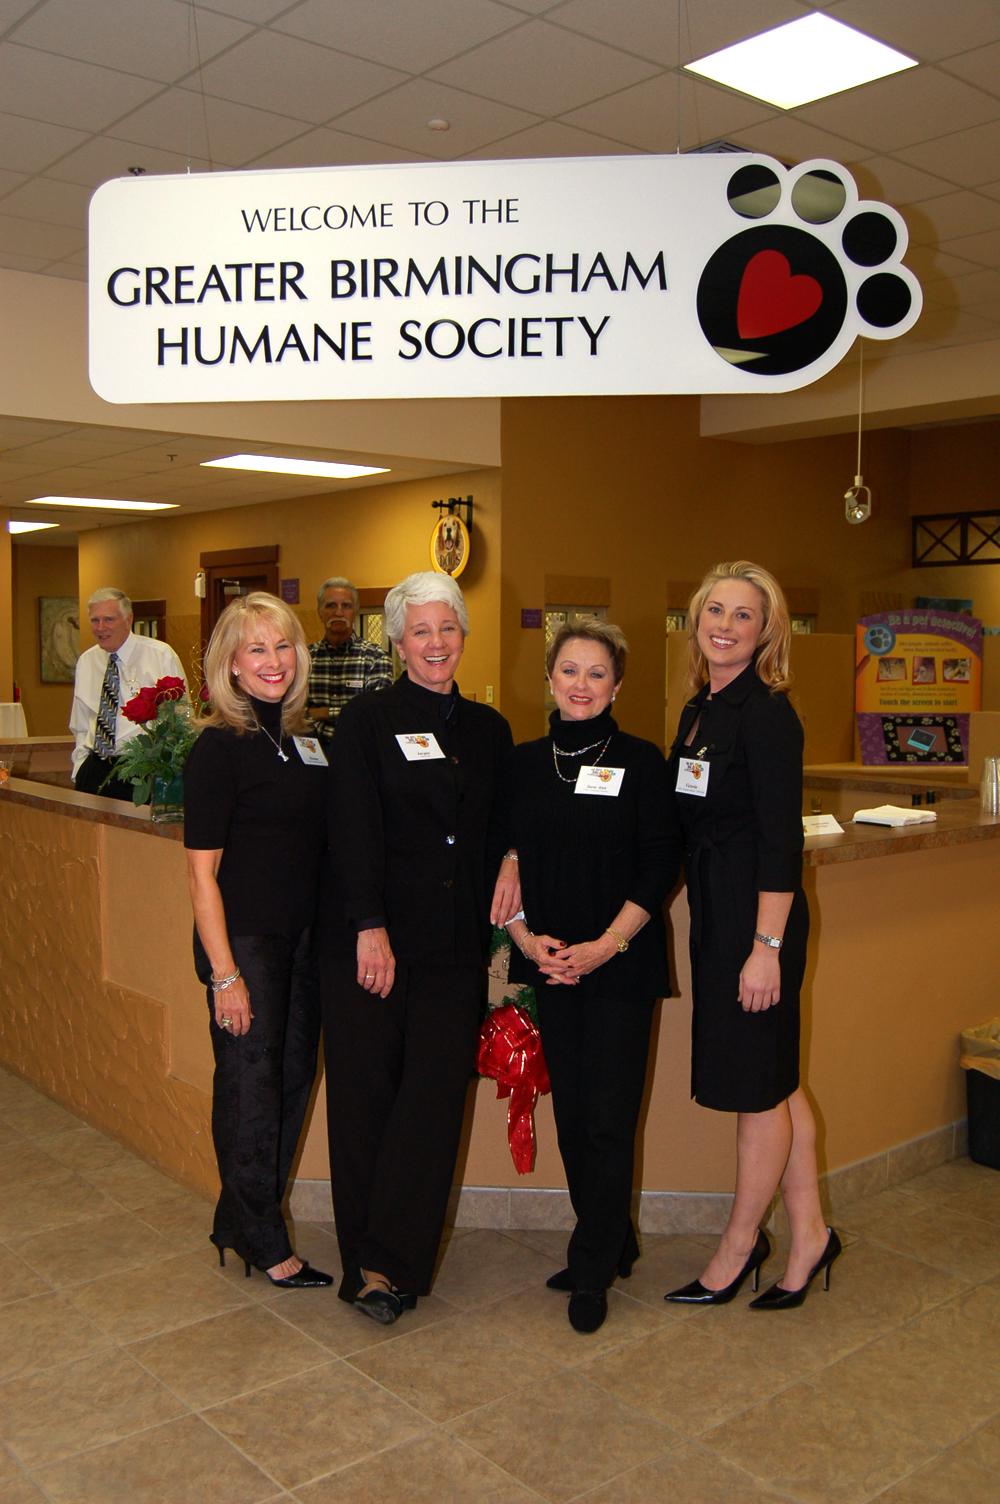 Donna O'Brien (FASG Artist), Jaque Meyer, Sara Ann Polhemus (FASG Artist), Victoria Arrand